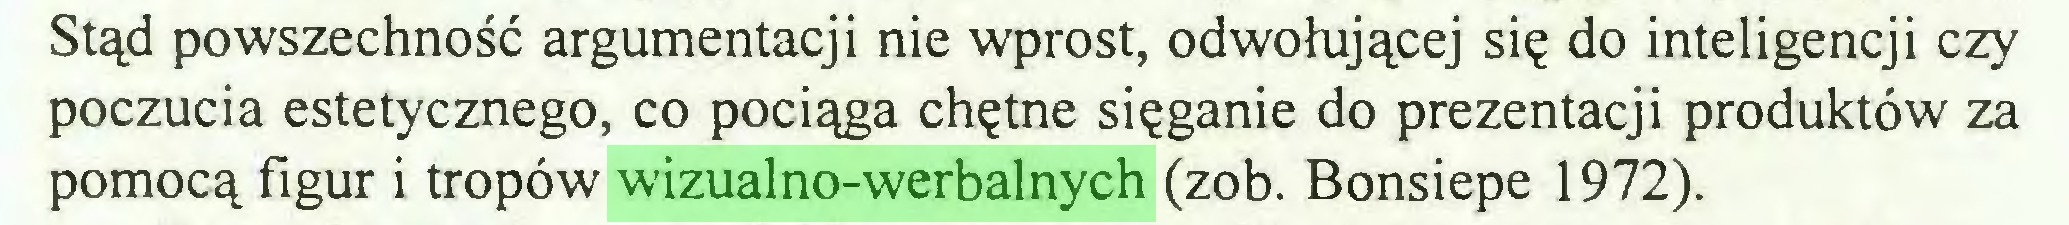 (...) Stąd powszechność argumentacji nie wprost, odwołującej się do inteligencji czy poczucia estetycznego, co pociąga chętne sięganie do prezentacji produktów za pomocą figur i tropów wizualno-werbalnych (zob. Bonsiepe 1972)...